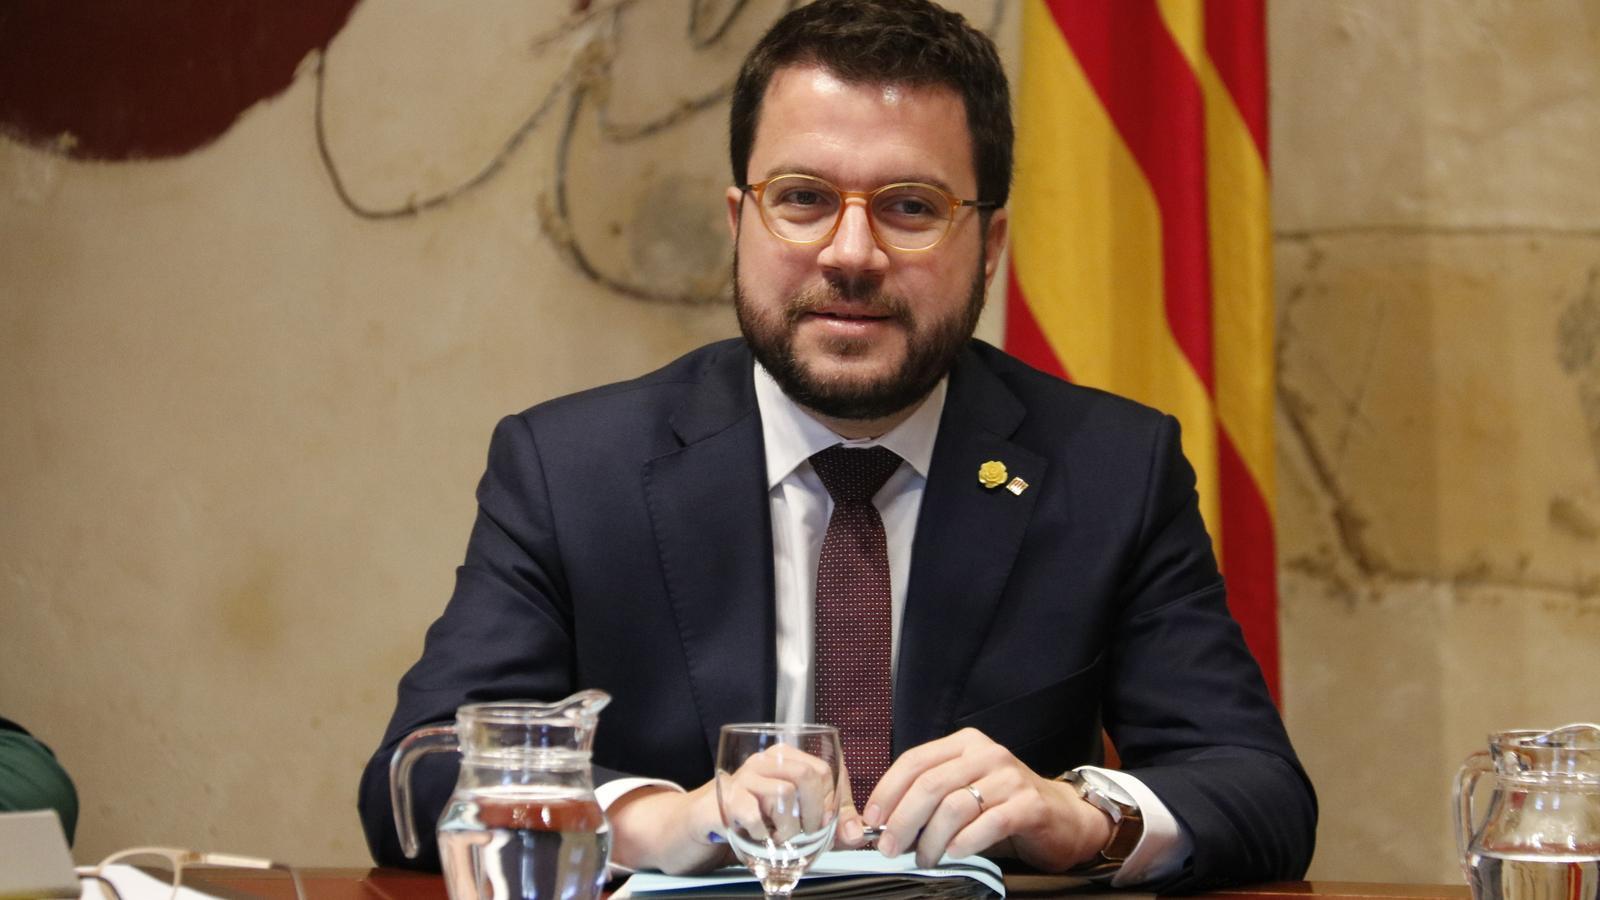 El vicepresident del Govern i conseller d'Economia, Pere Aragonès, en una imatge d'arxiu